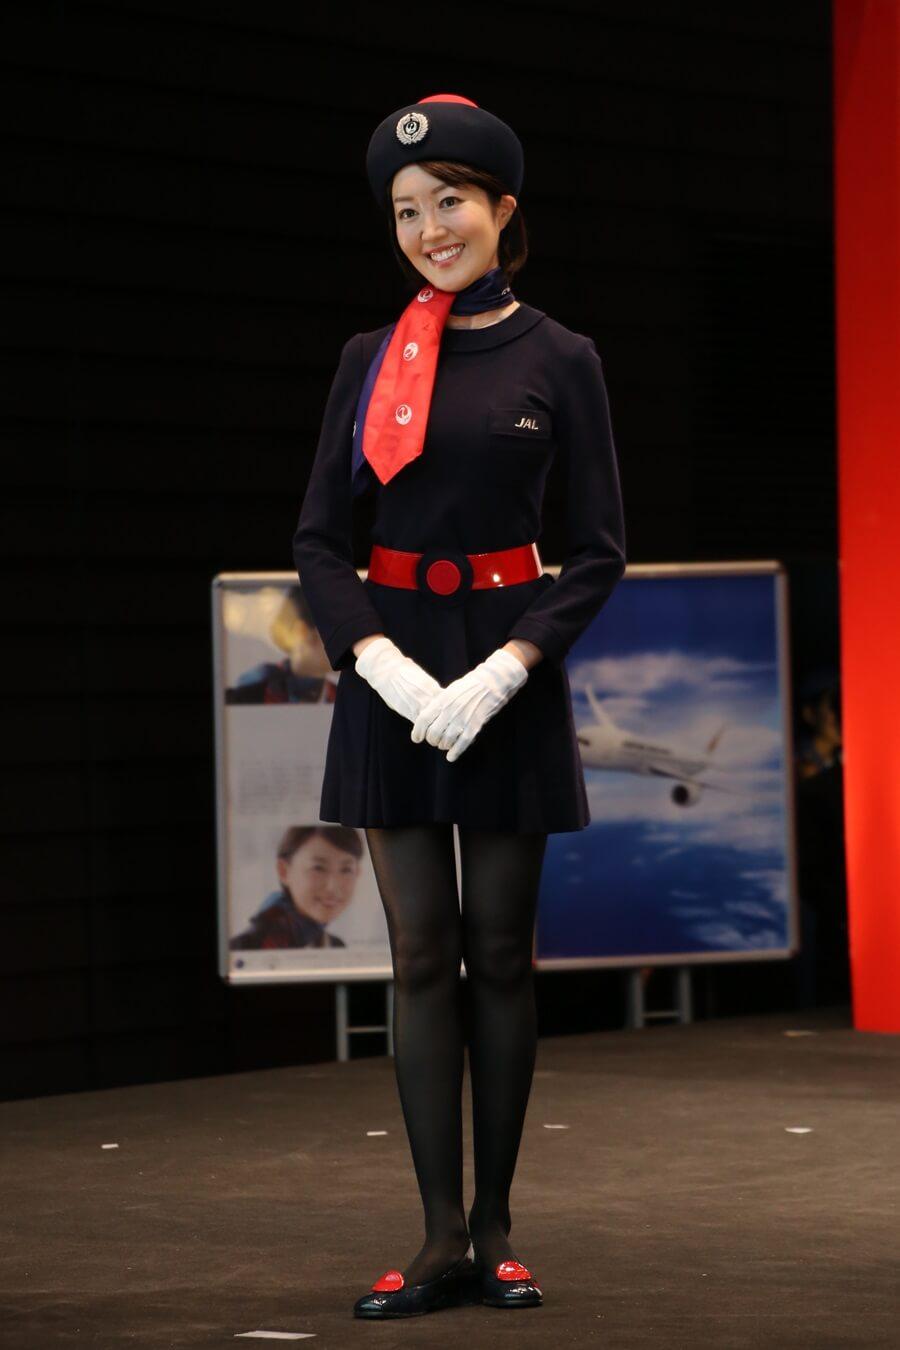 日本航空5代目制服 JALとJEX客室乗務員歴代制服ファッションショー 客室乗務員 スチワーデス 歴代ユニフォーム 制服 空の日フェスティバル JAL fashion show (17)